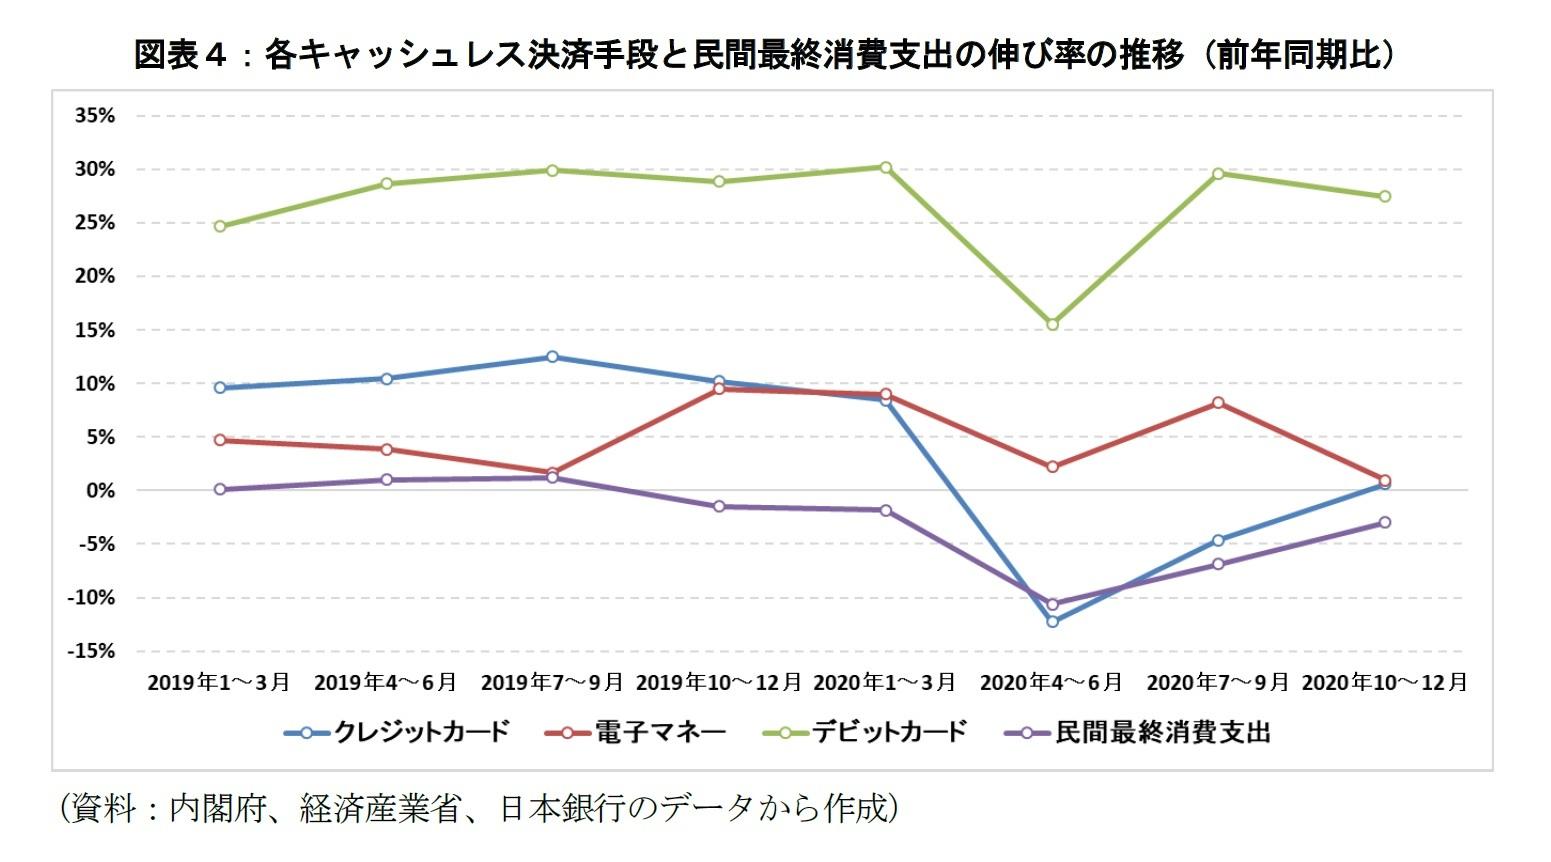 図表4:各キャッシュレス決済手段と民間最終消費支出の伸び率の推移(前年同期比)